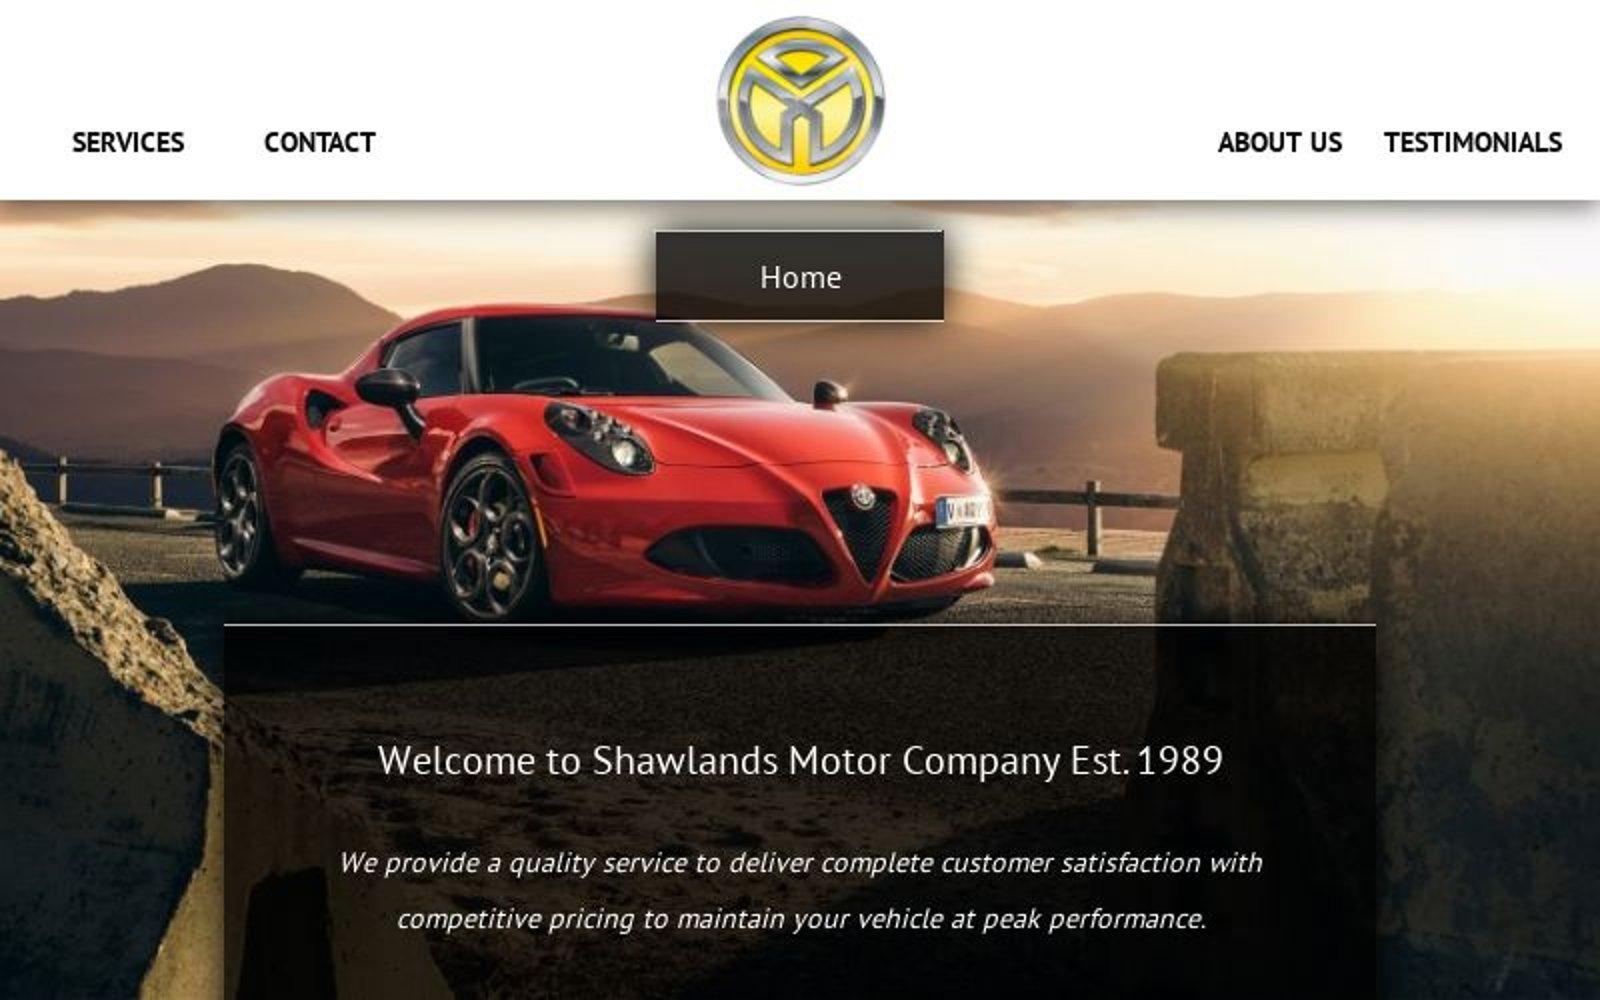 (c) Shawlandsmotor.co.uk